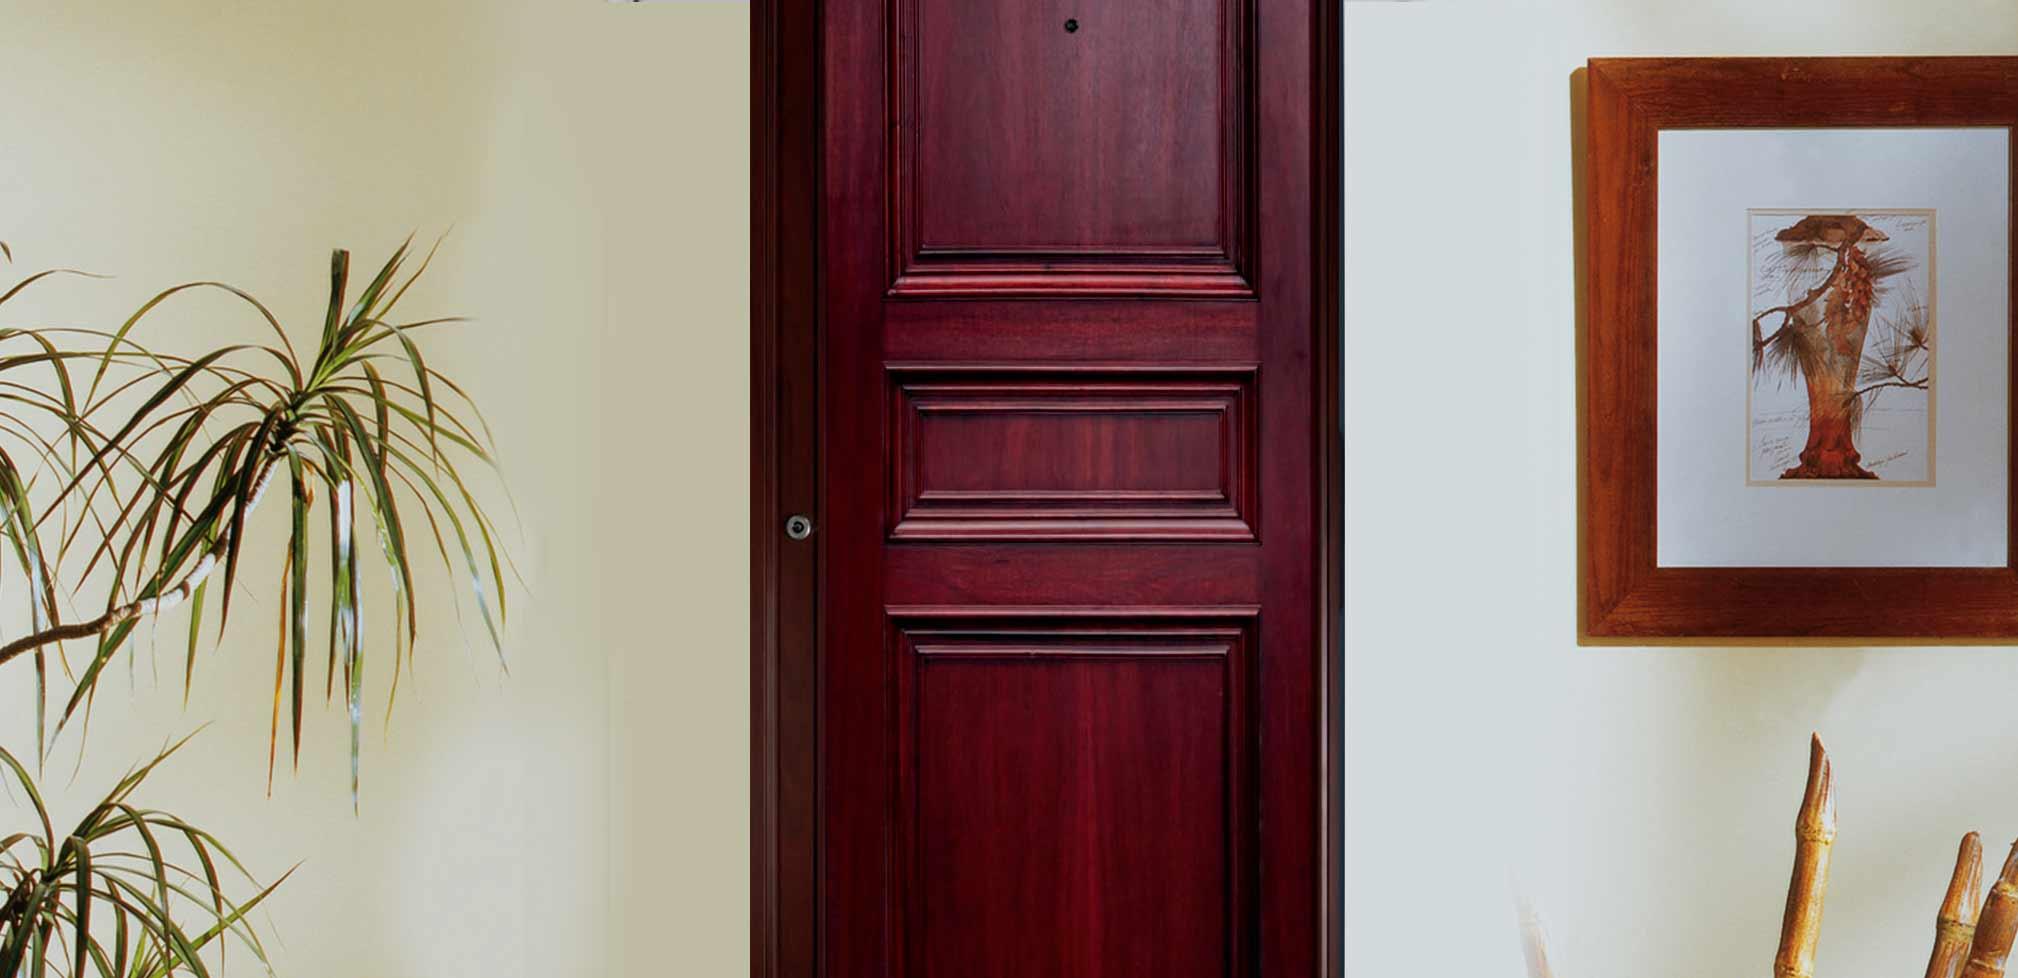 porte blind e fichet armoria paris home garde protection point fort fichet paris. Black Bedroom Furniture Sets. Home Design Ideas